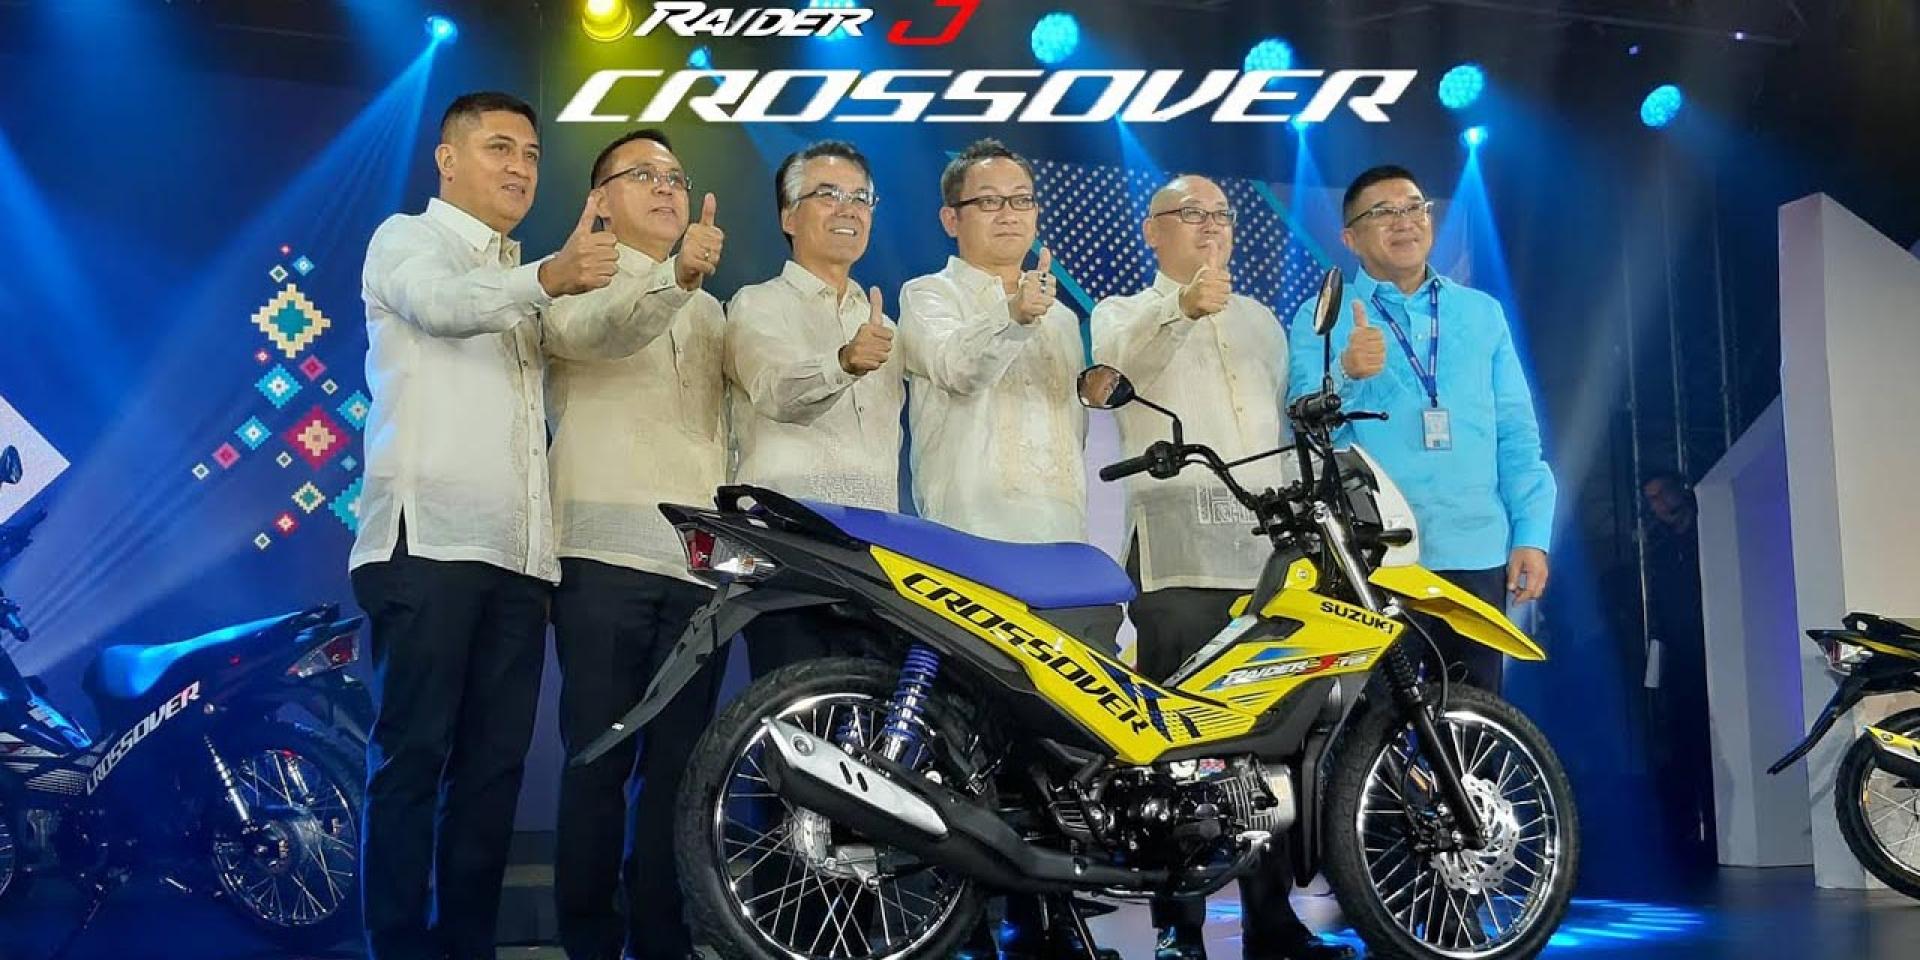 跨界延燒東南亞彎梁車!SUZUKI「Raider J Crossover」菲律賓海外發表